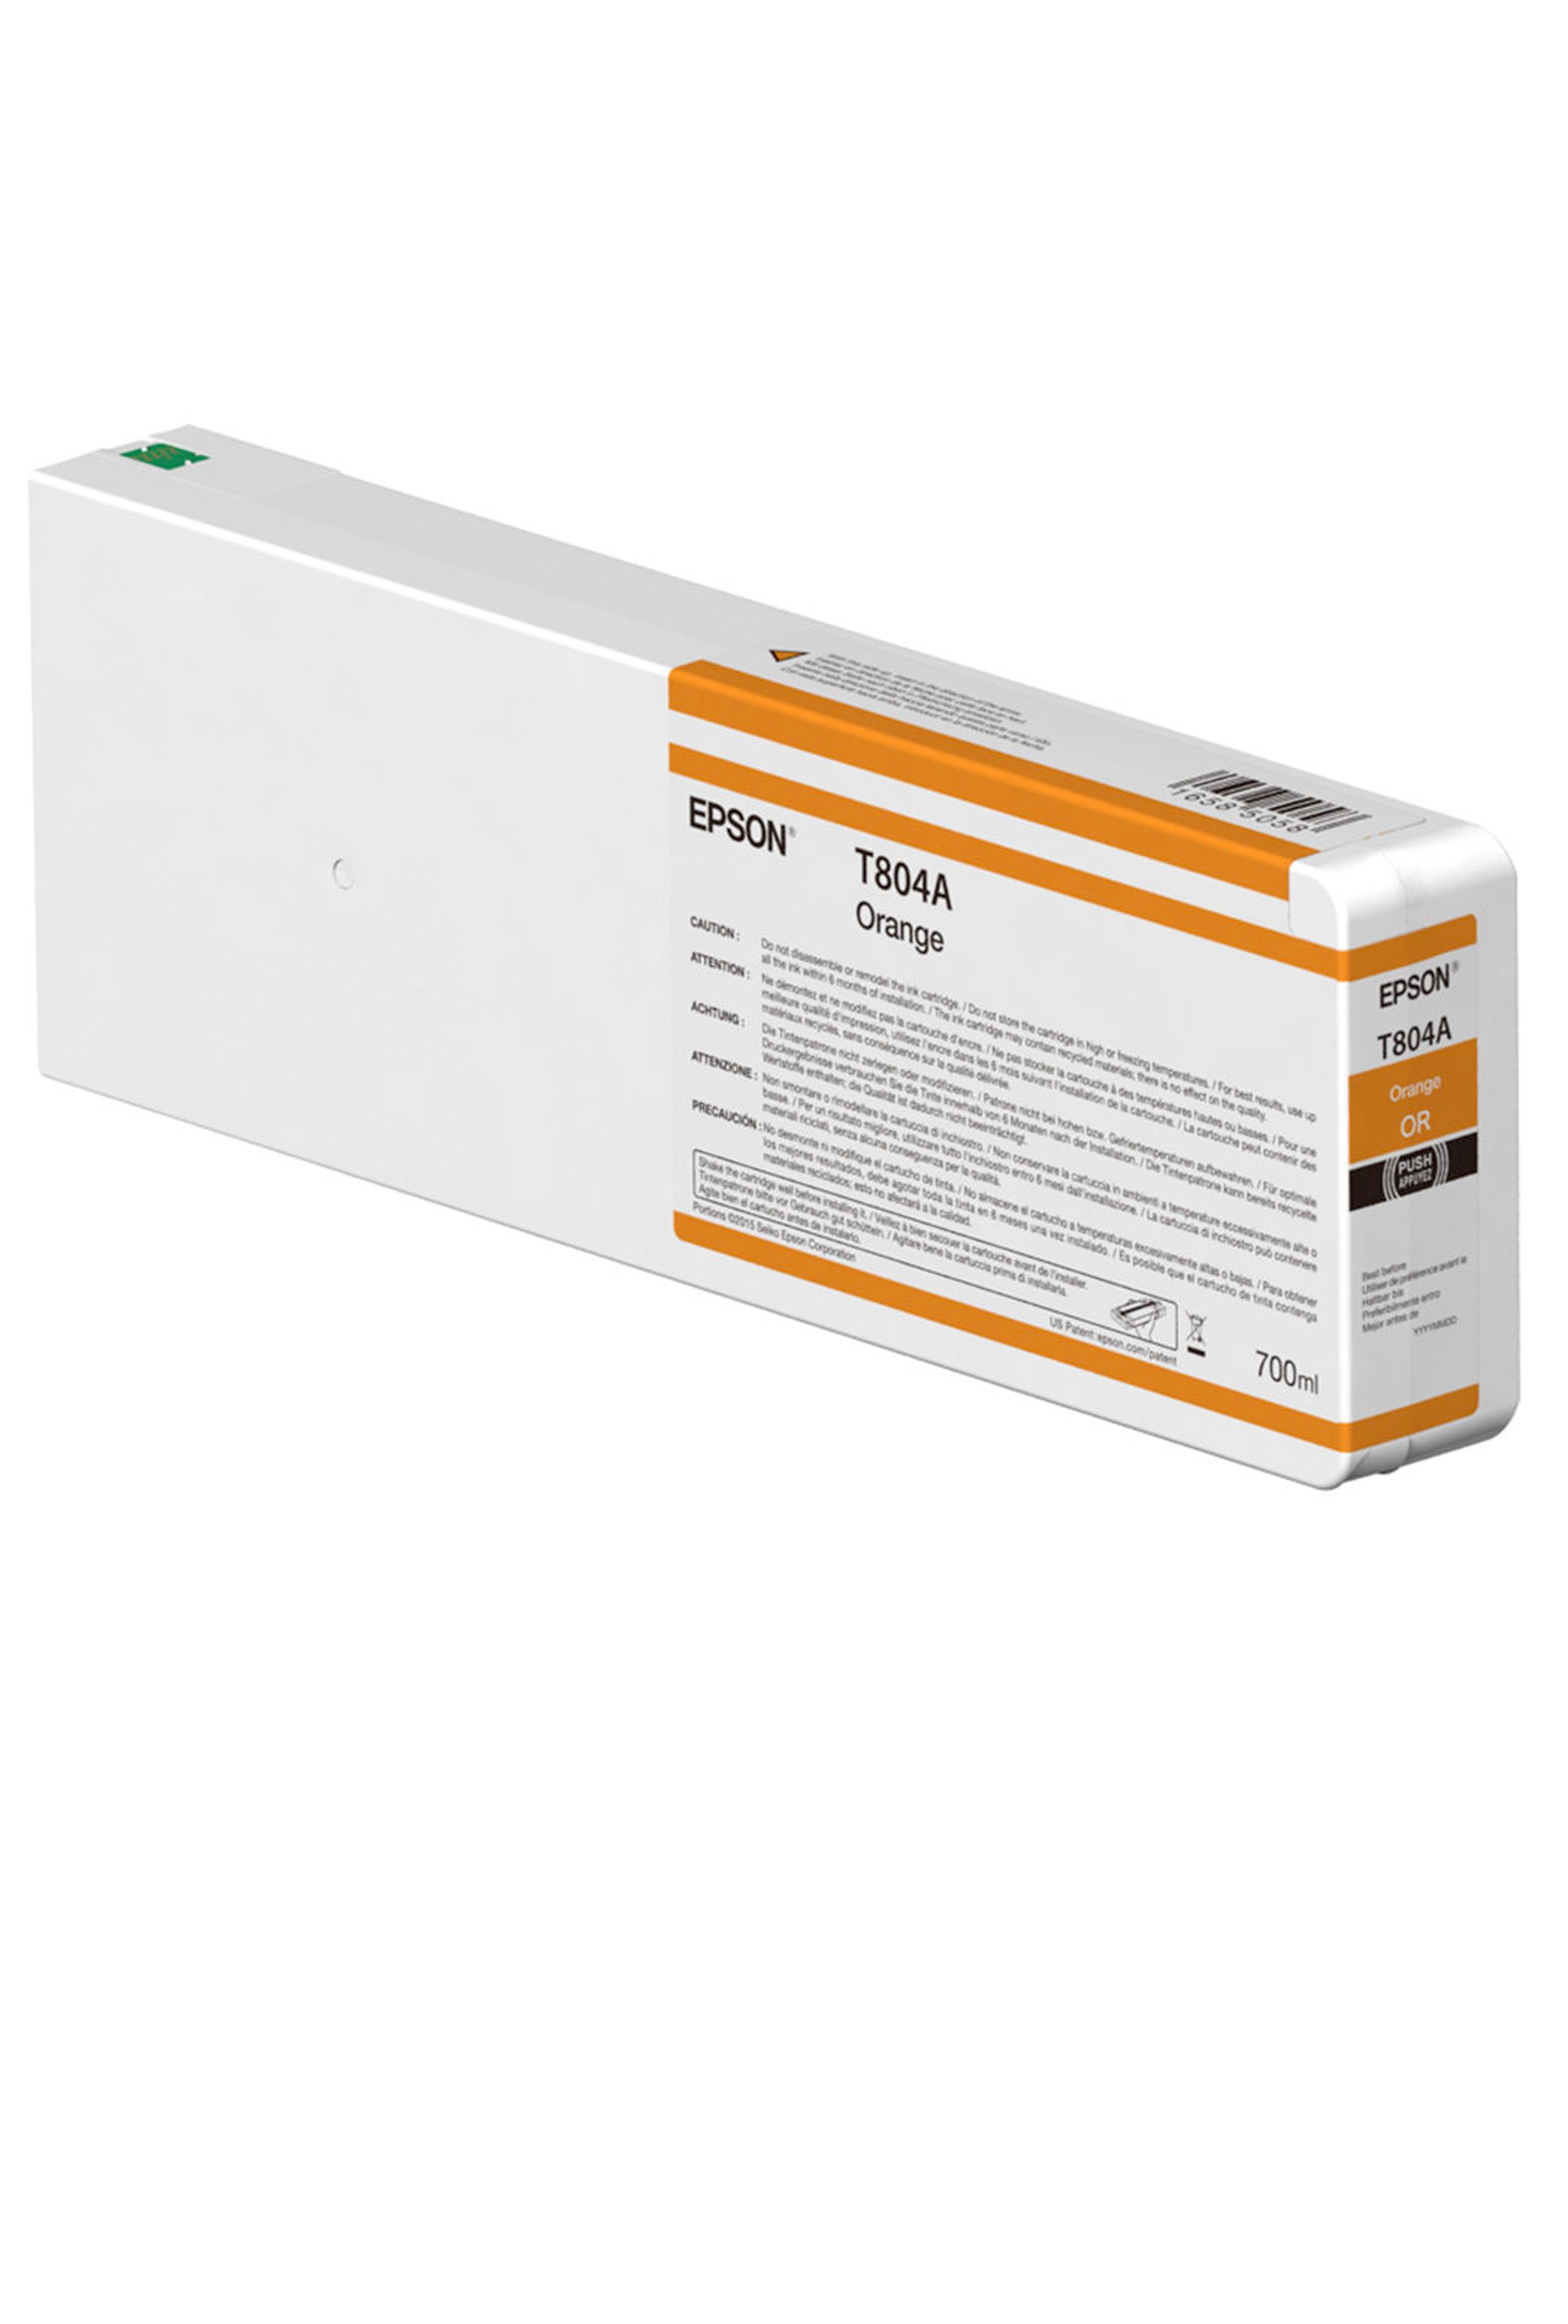 Epson EPSON XH ORANGE INK (700 ML) (T804A00)